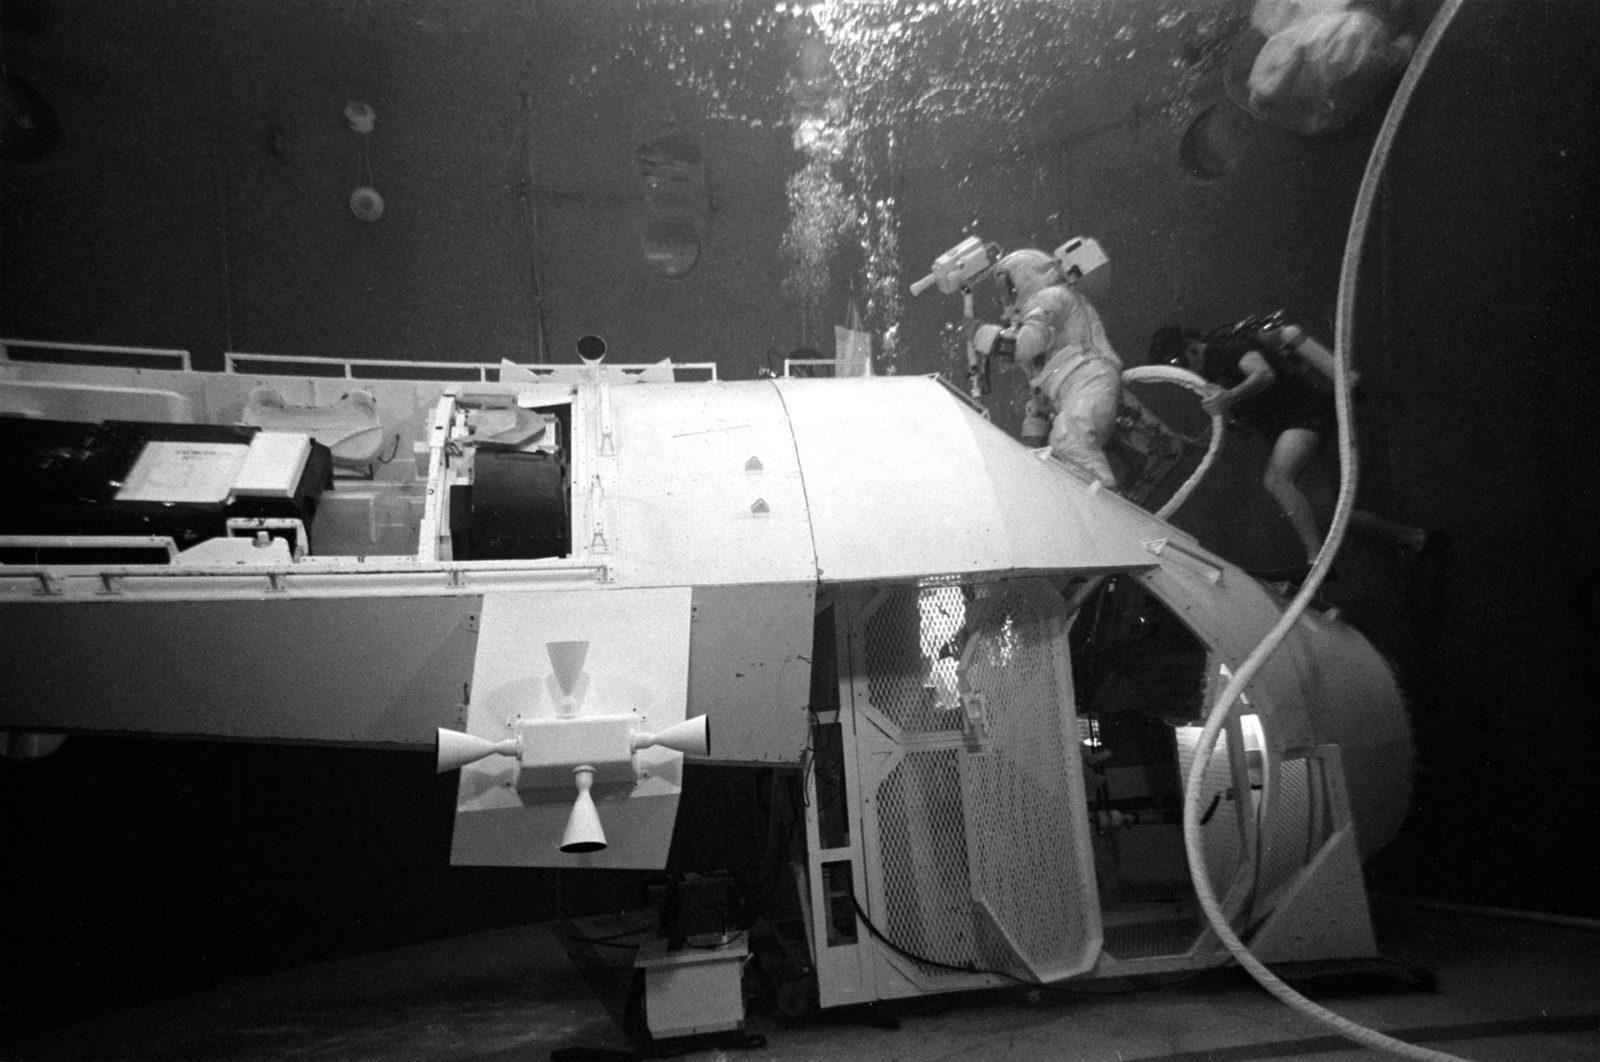 Astronaut Thomas Mattingly participates in EVA simulation